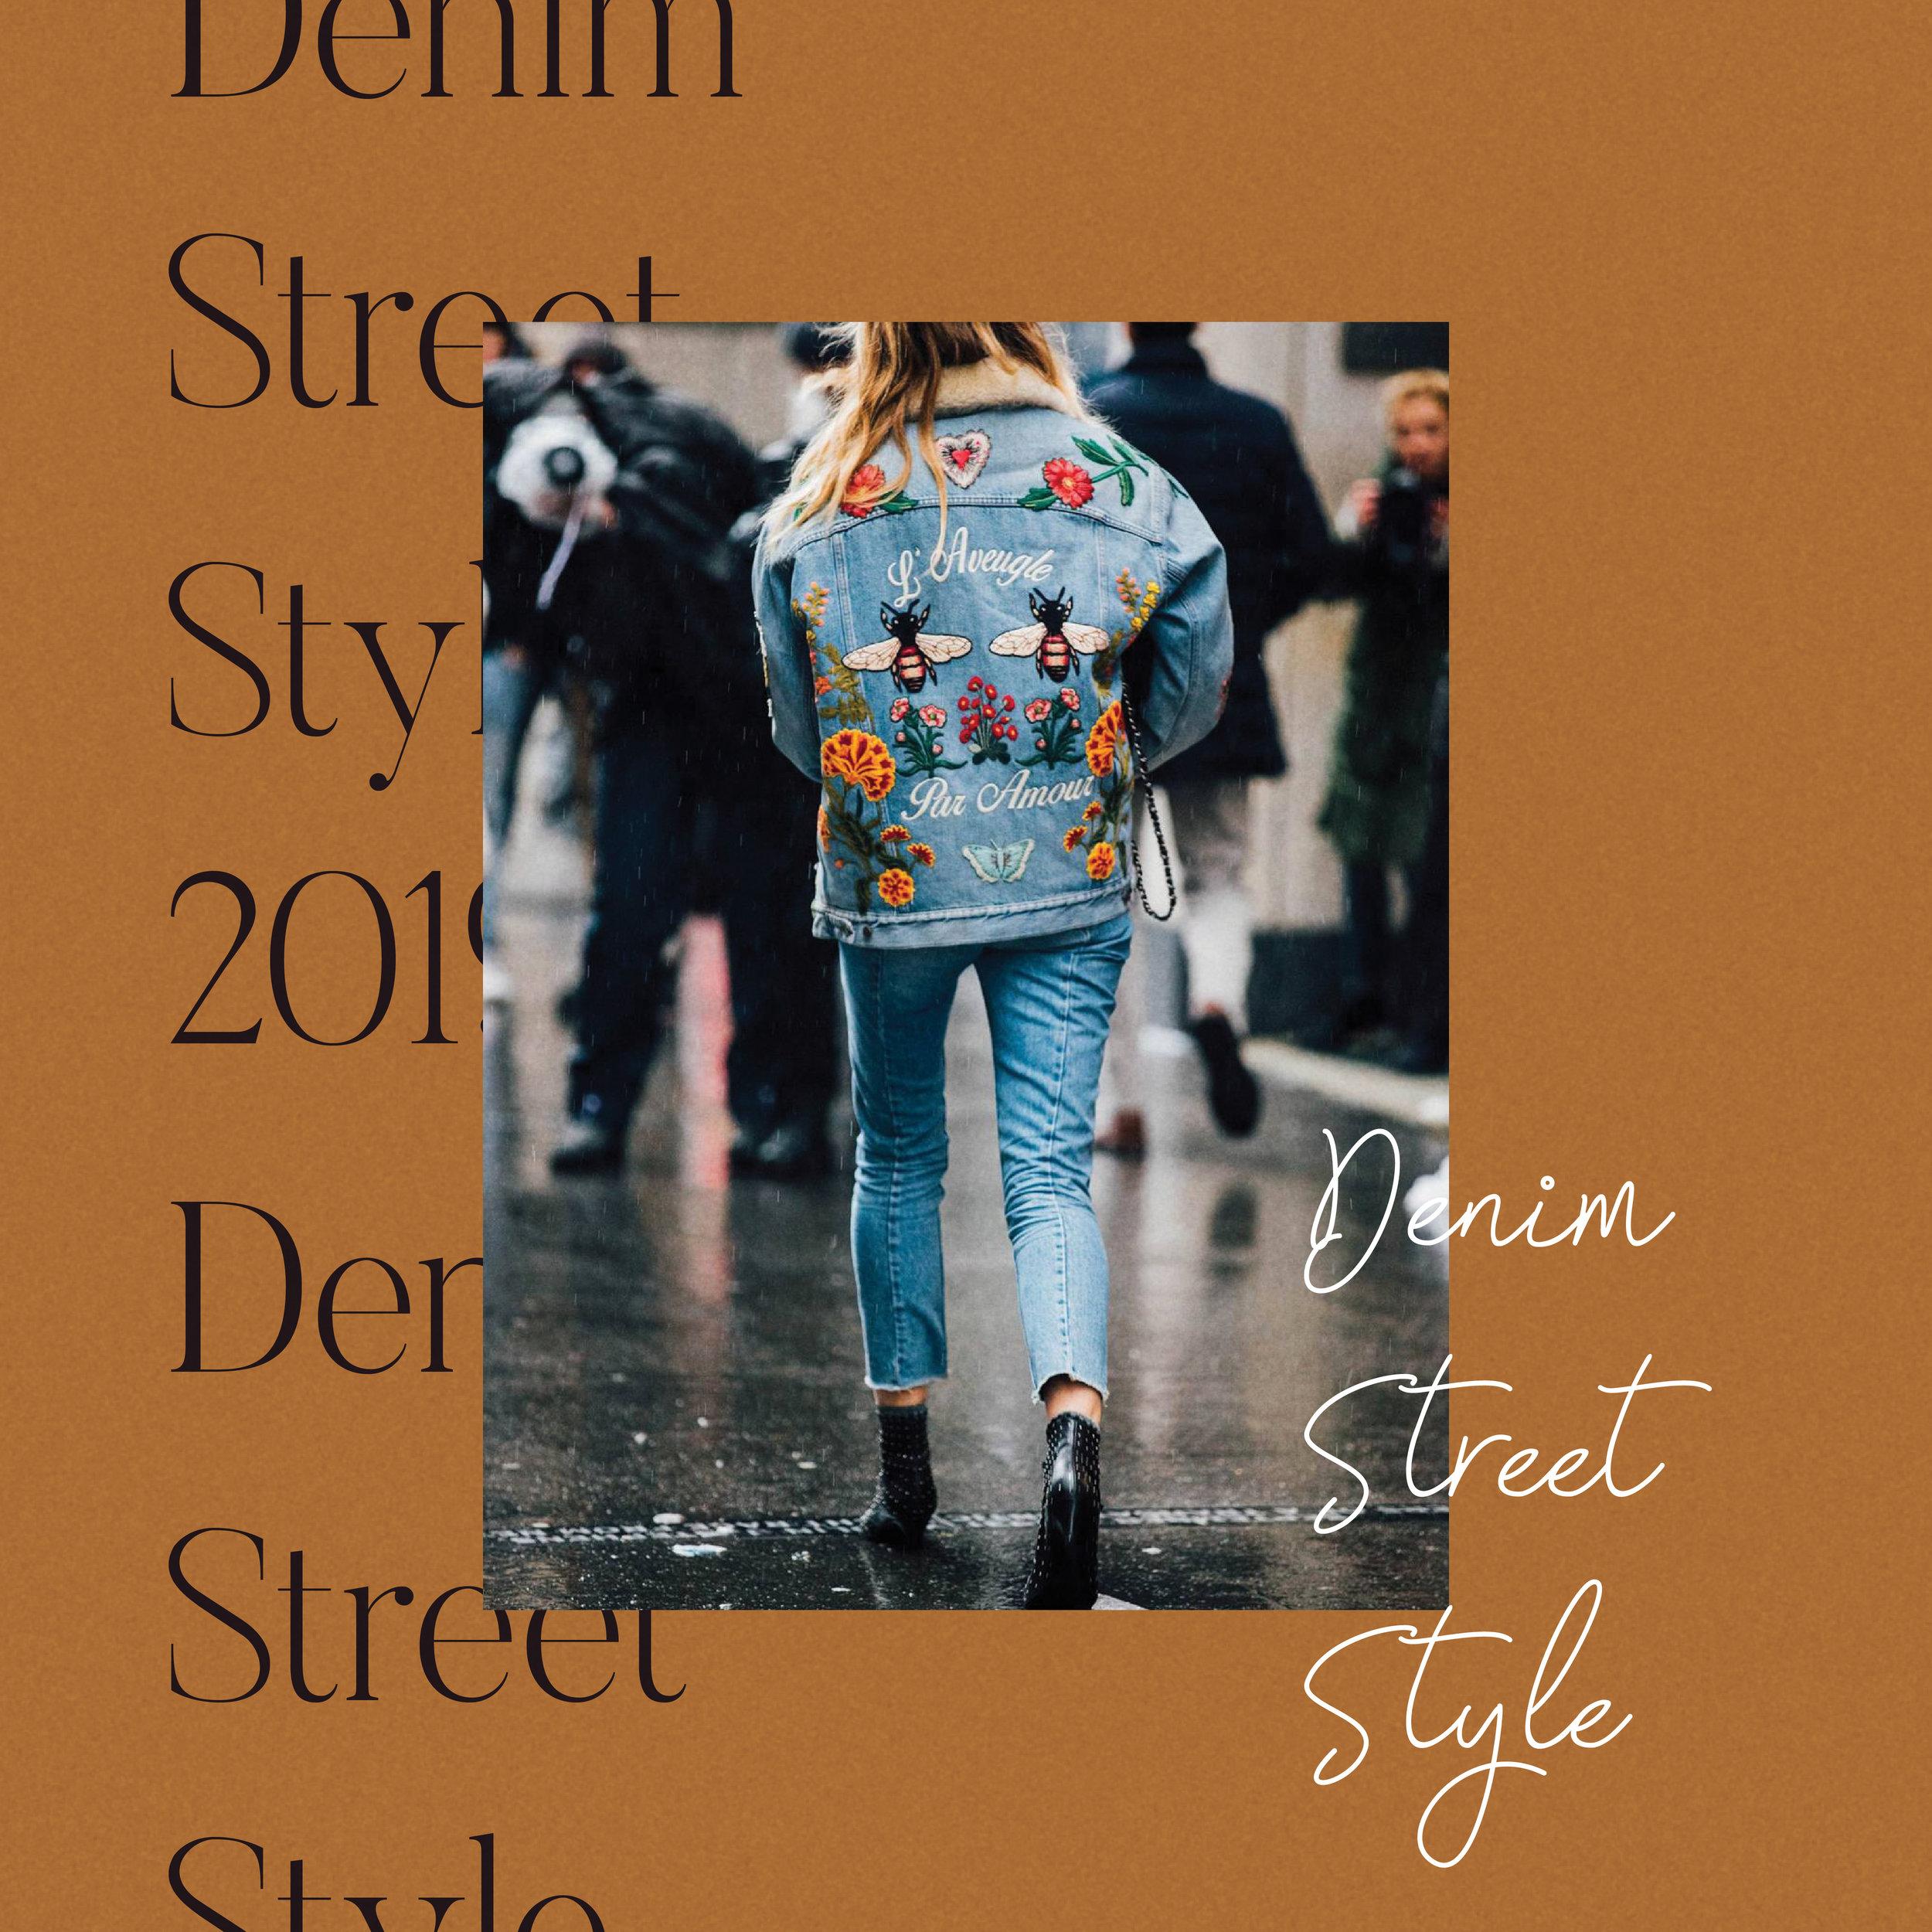 DenimStreetStyle.jpg